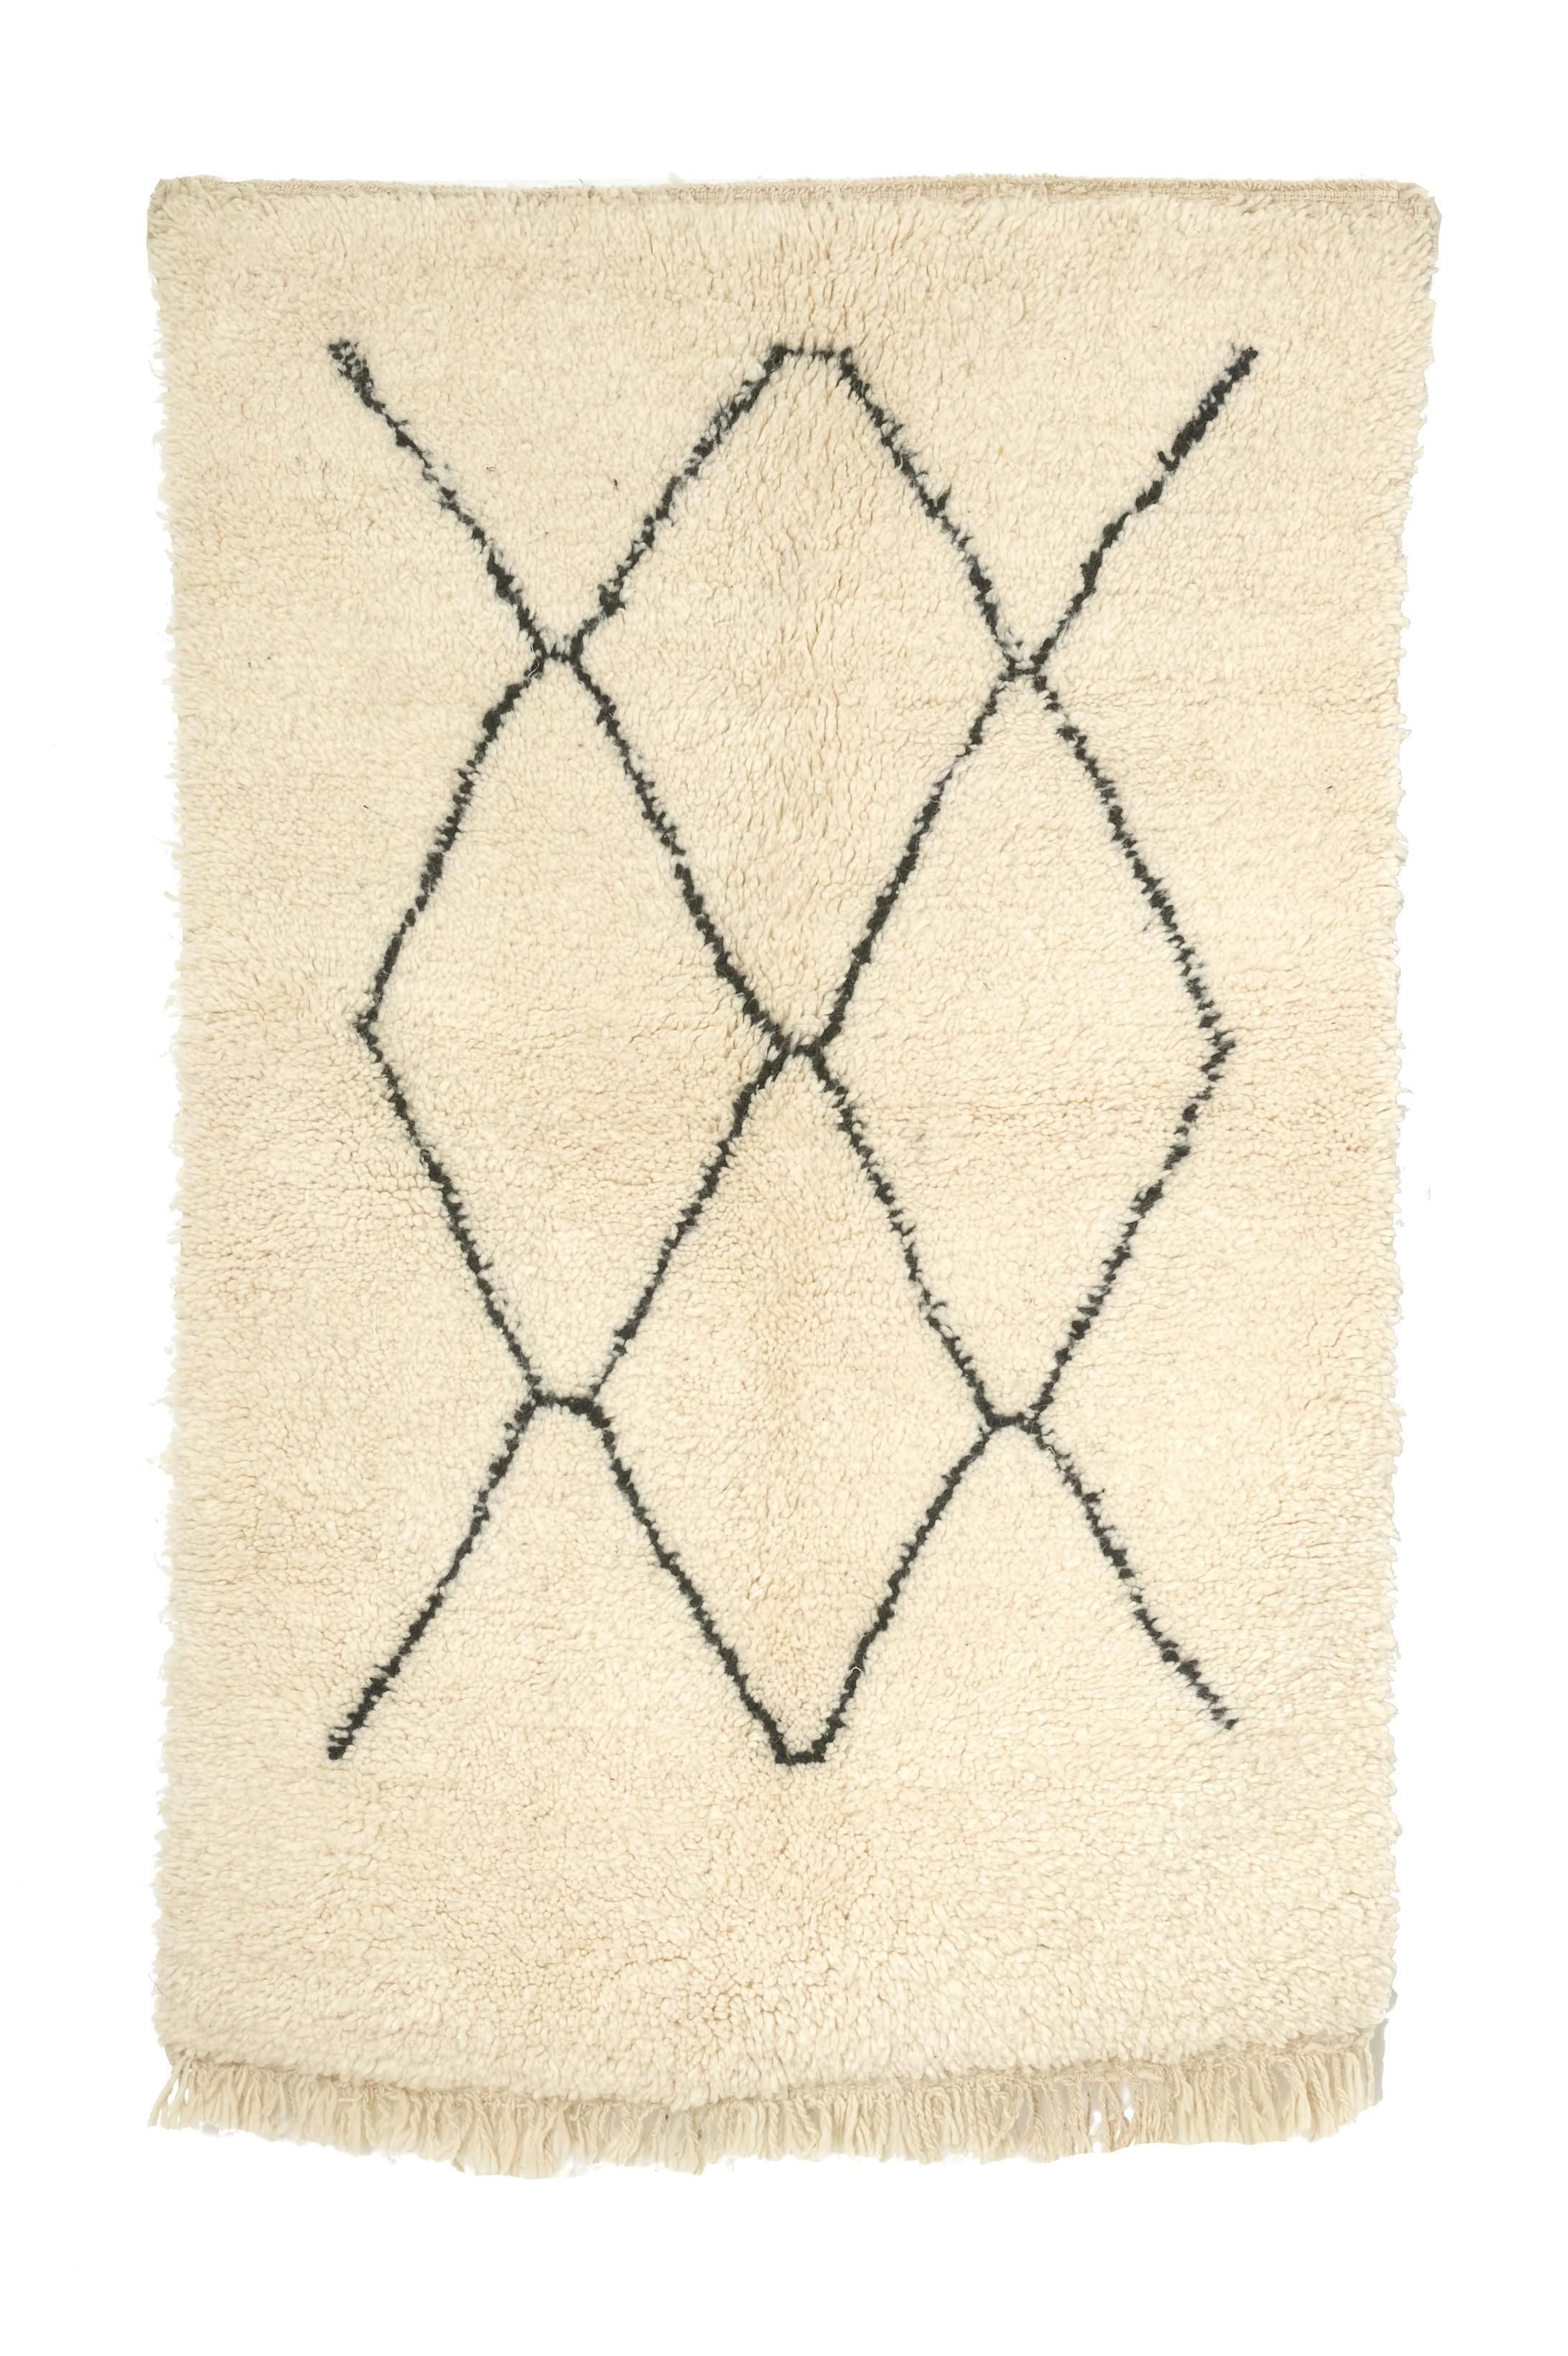 TAPIS BENI OUARAIN 154 x 100 cm